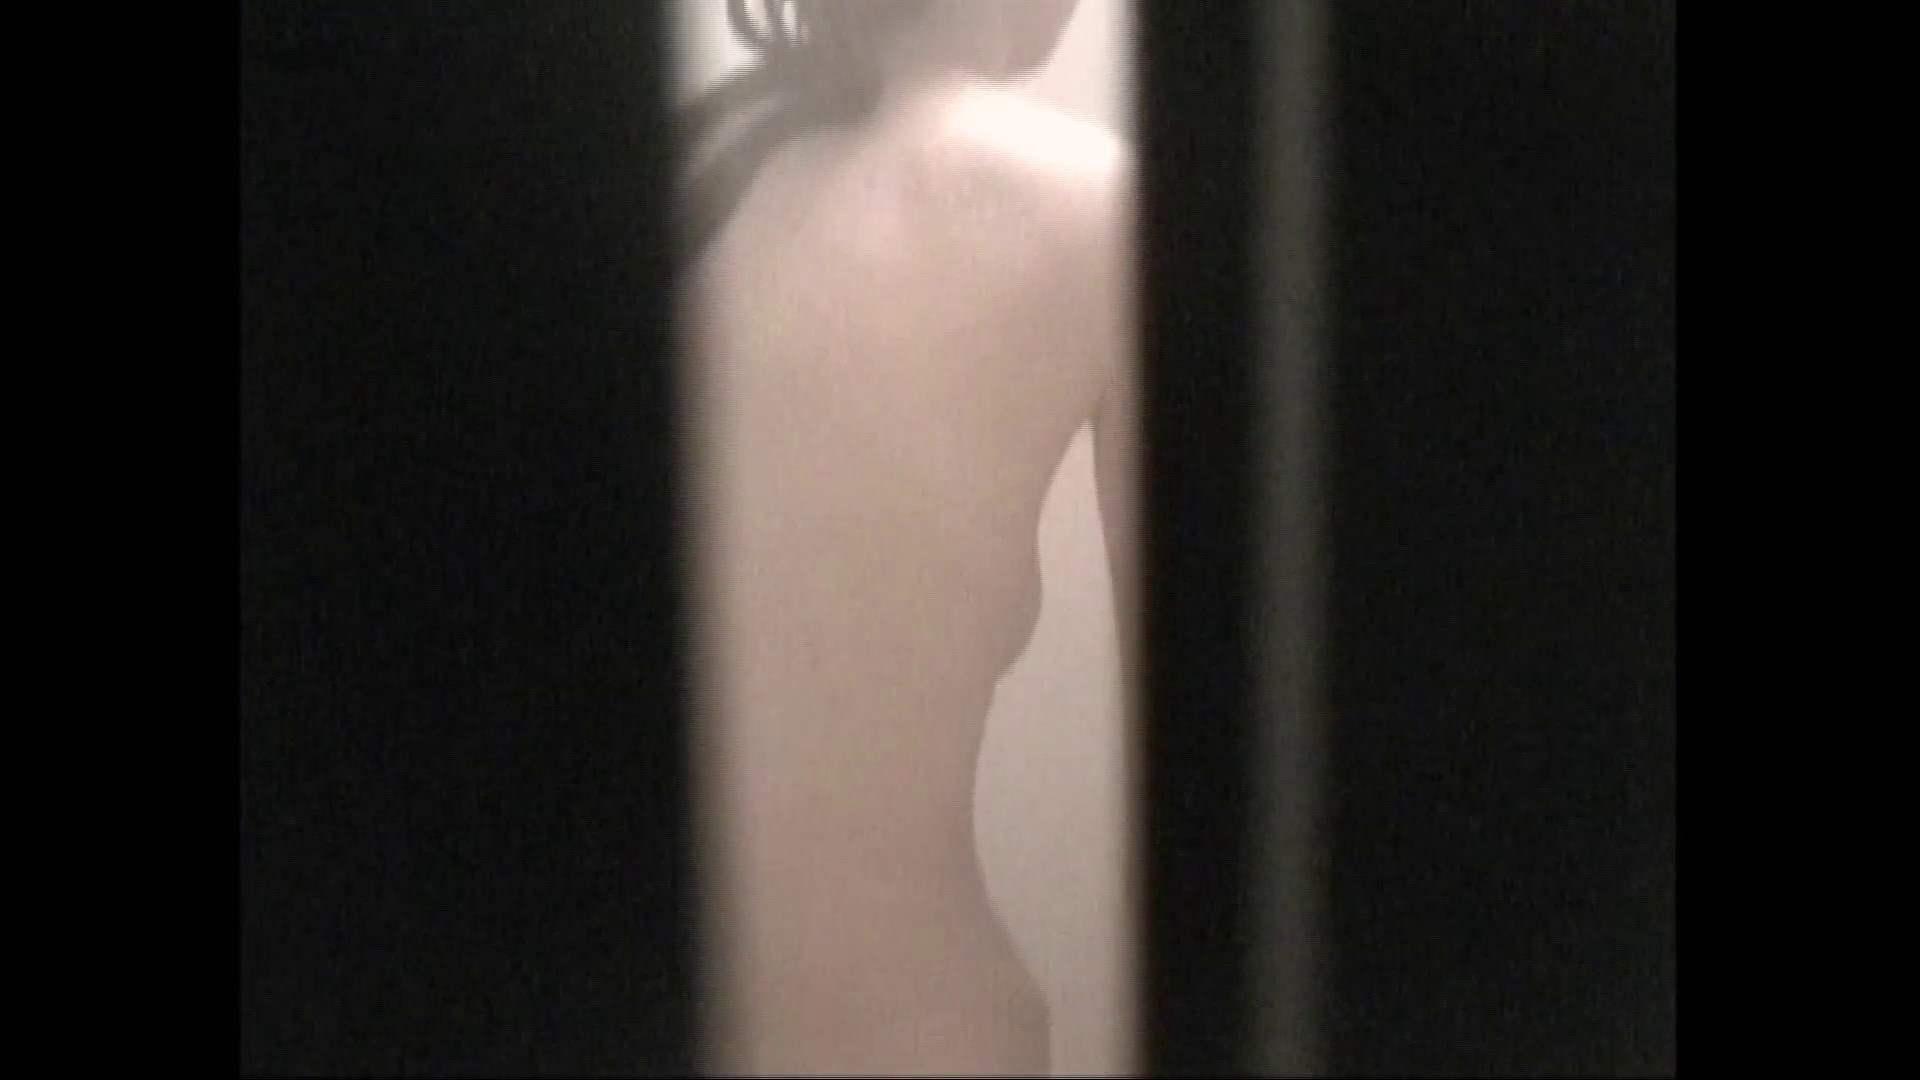 隙間からノゾク風呂 Vol.29 股をグイッとひらいて・・・。 入浴中の女性 | OLのボディ  69PIX 11